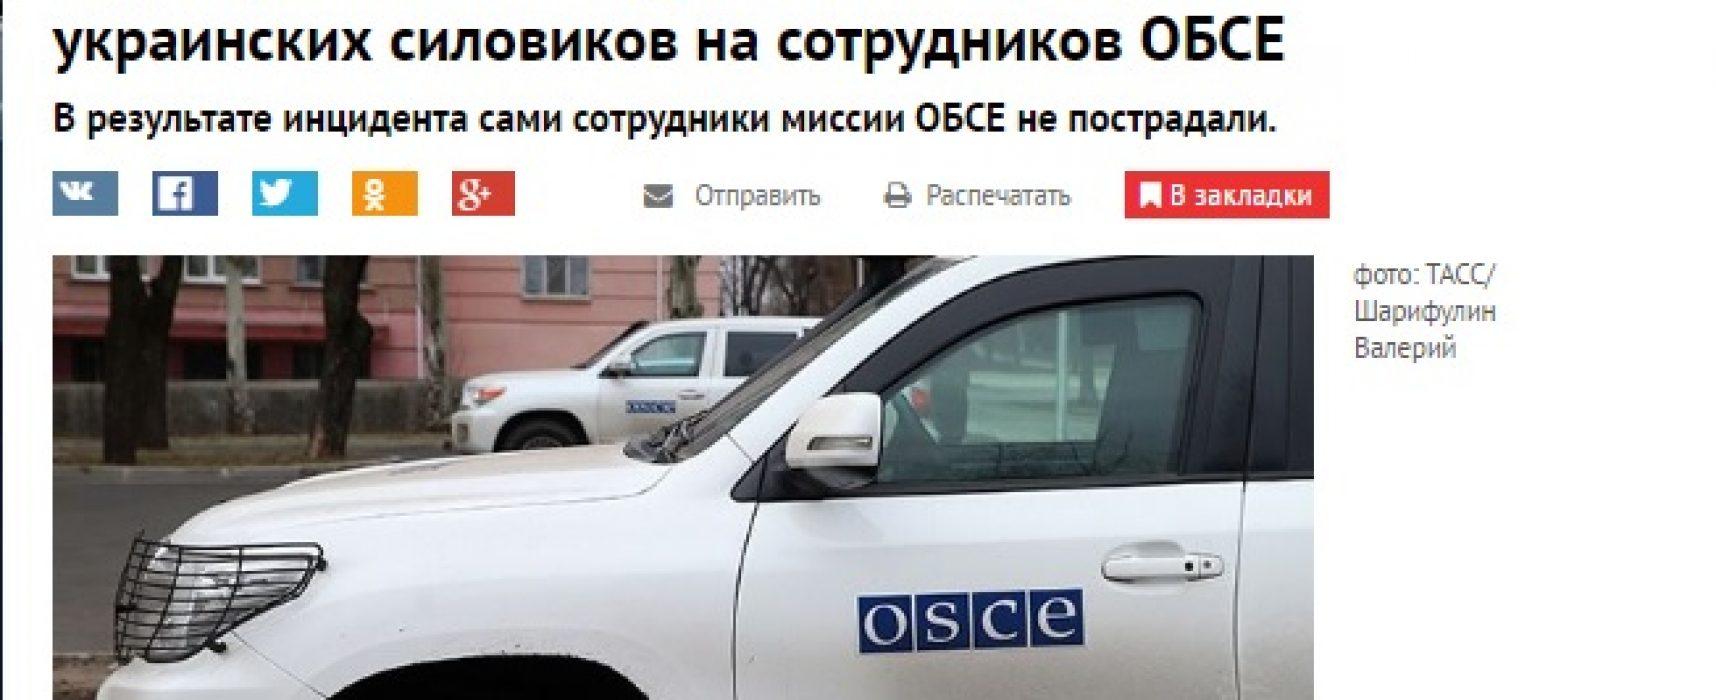 Фейк: Украинската армия стреляла по мисията на ОССЕ